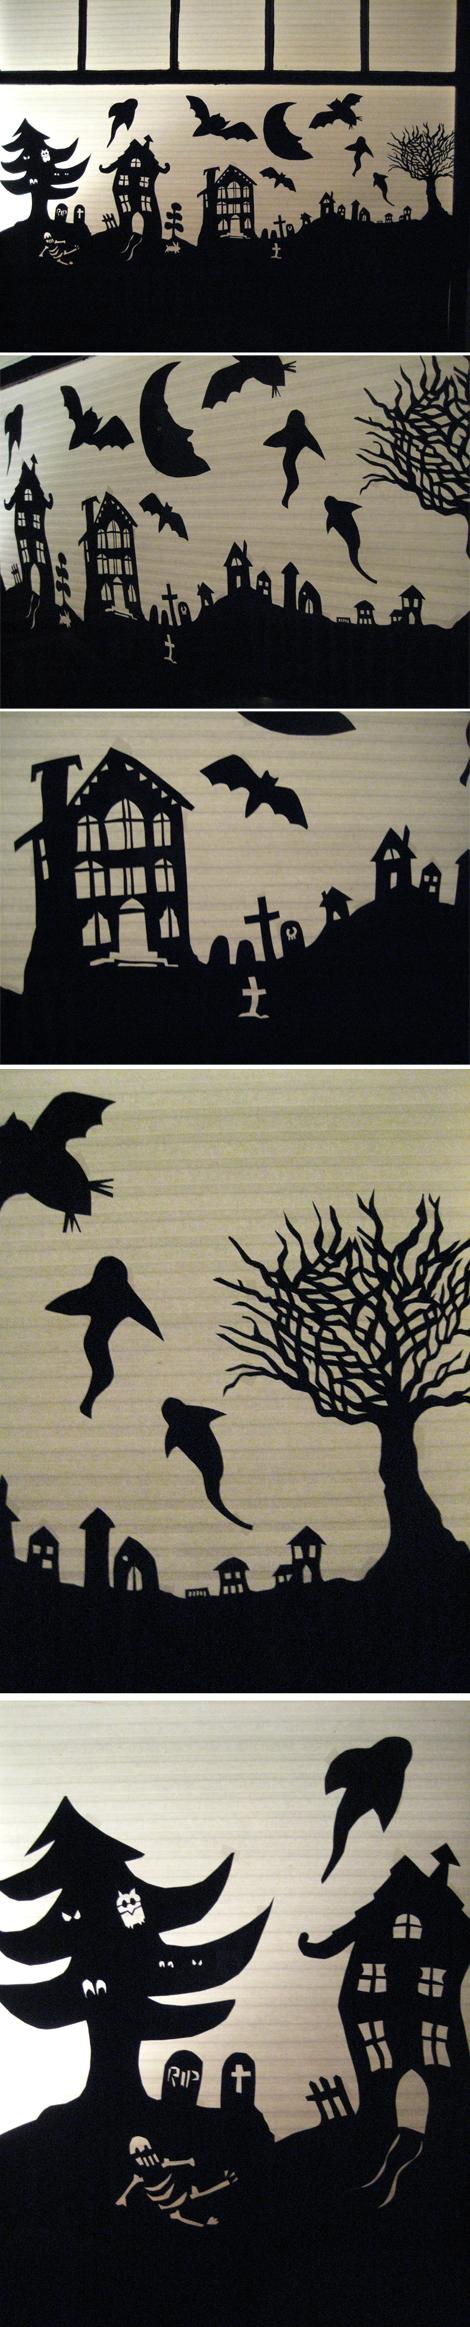 Halloweenwindow10